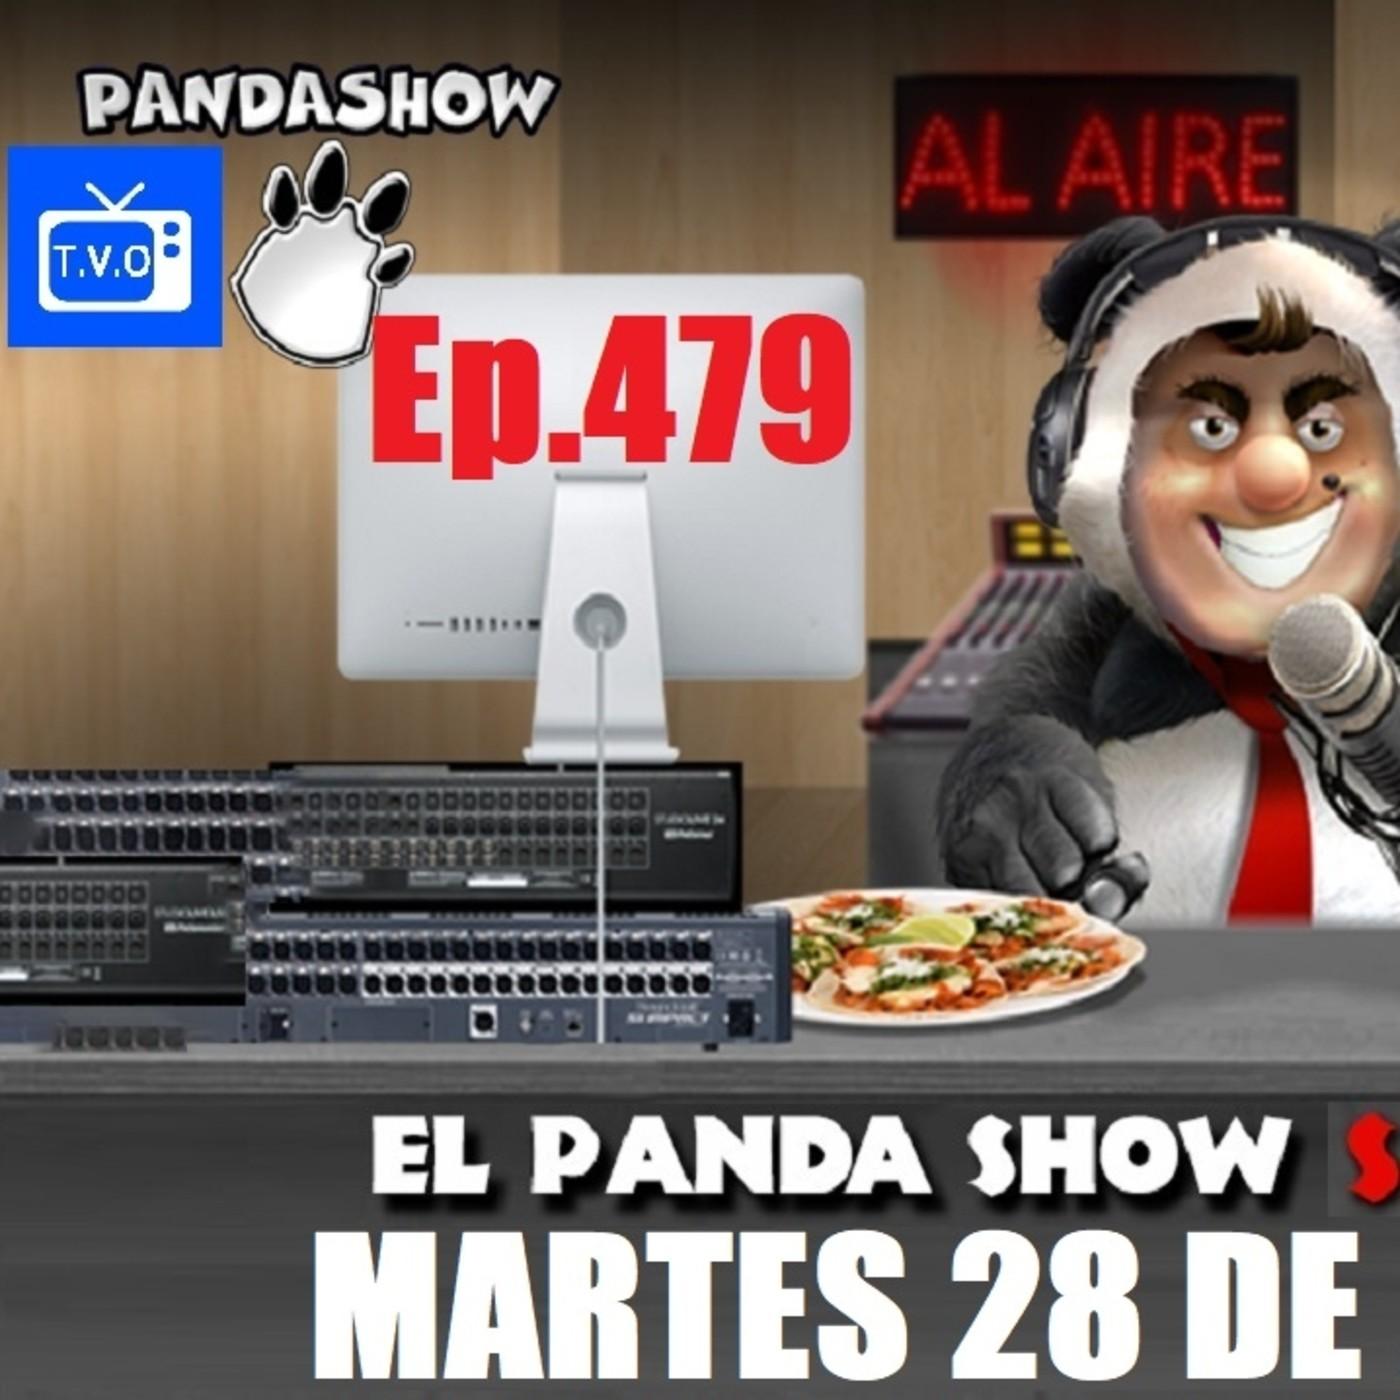 EL PANDA SHOW Ep. 479 MARTES 28 DE JULIO 2020